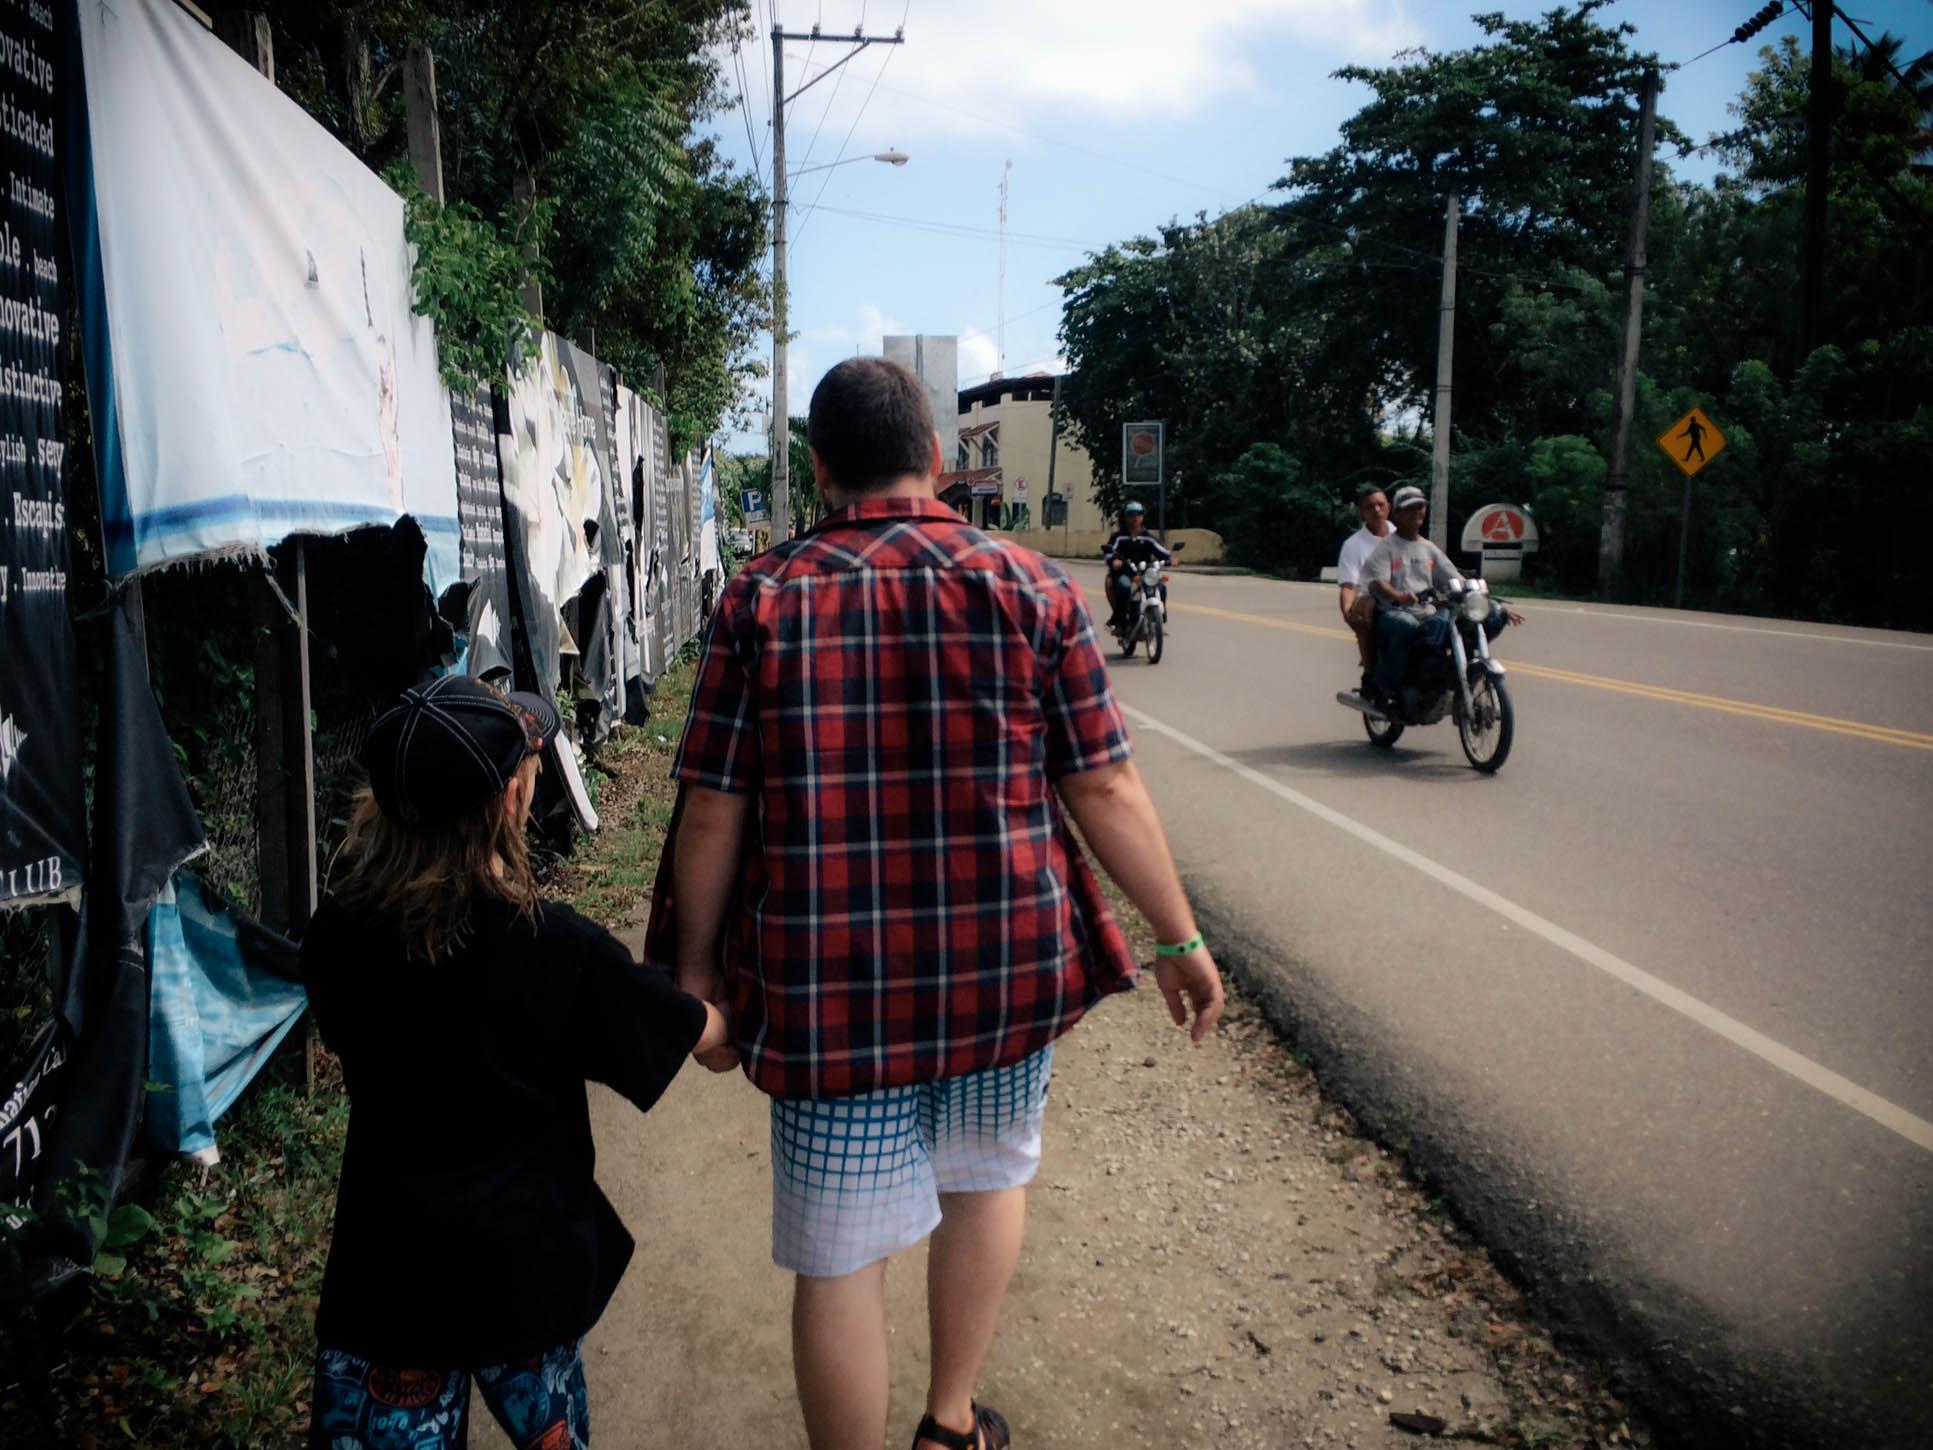 cabarete dominican republic lune blog (8 of 27).jpg